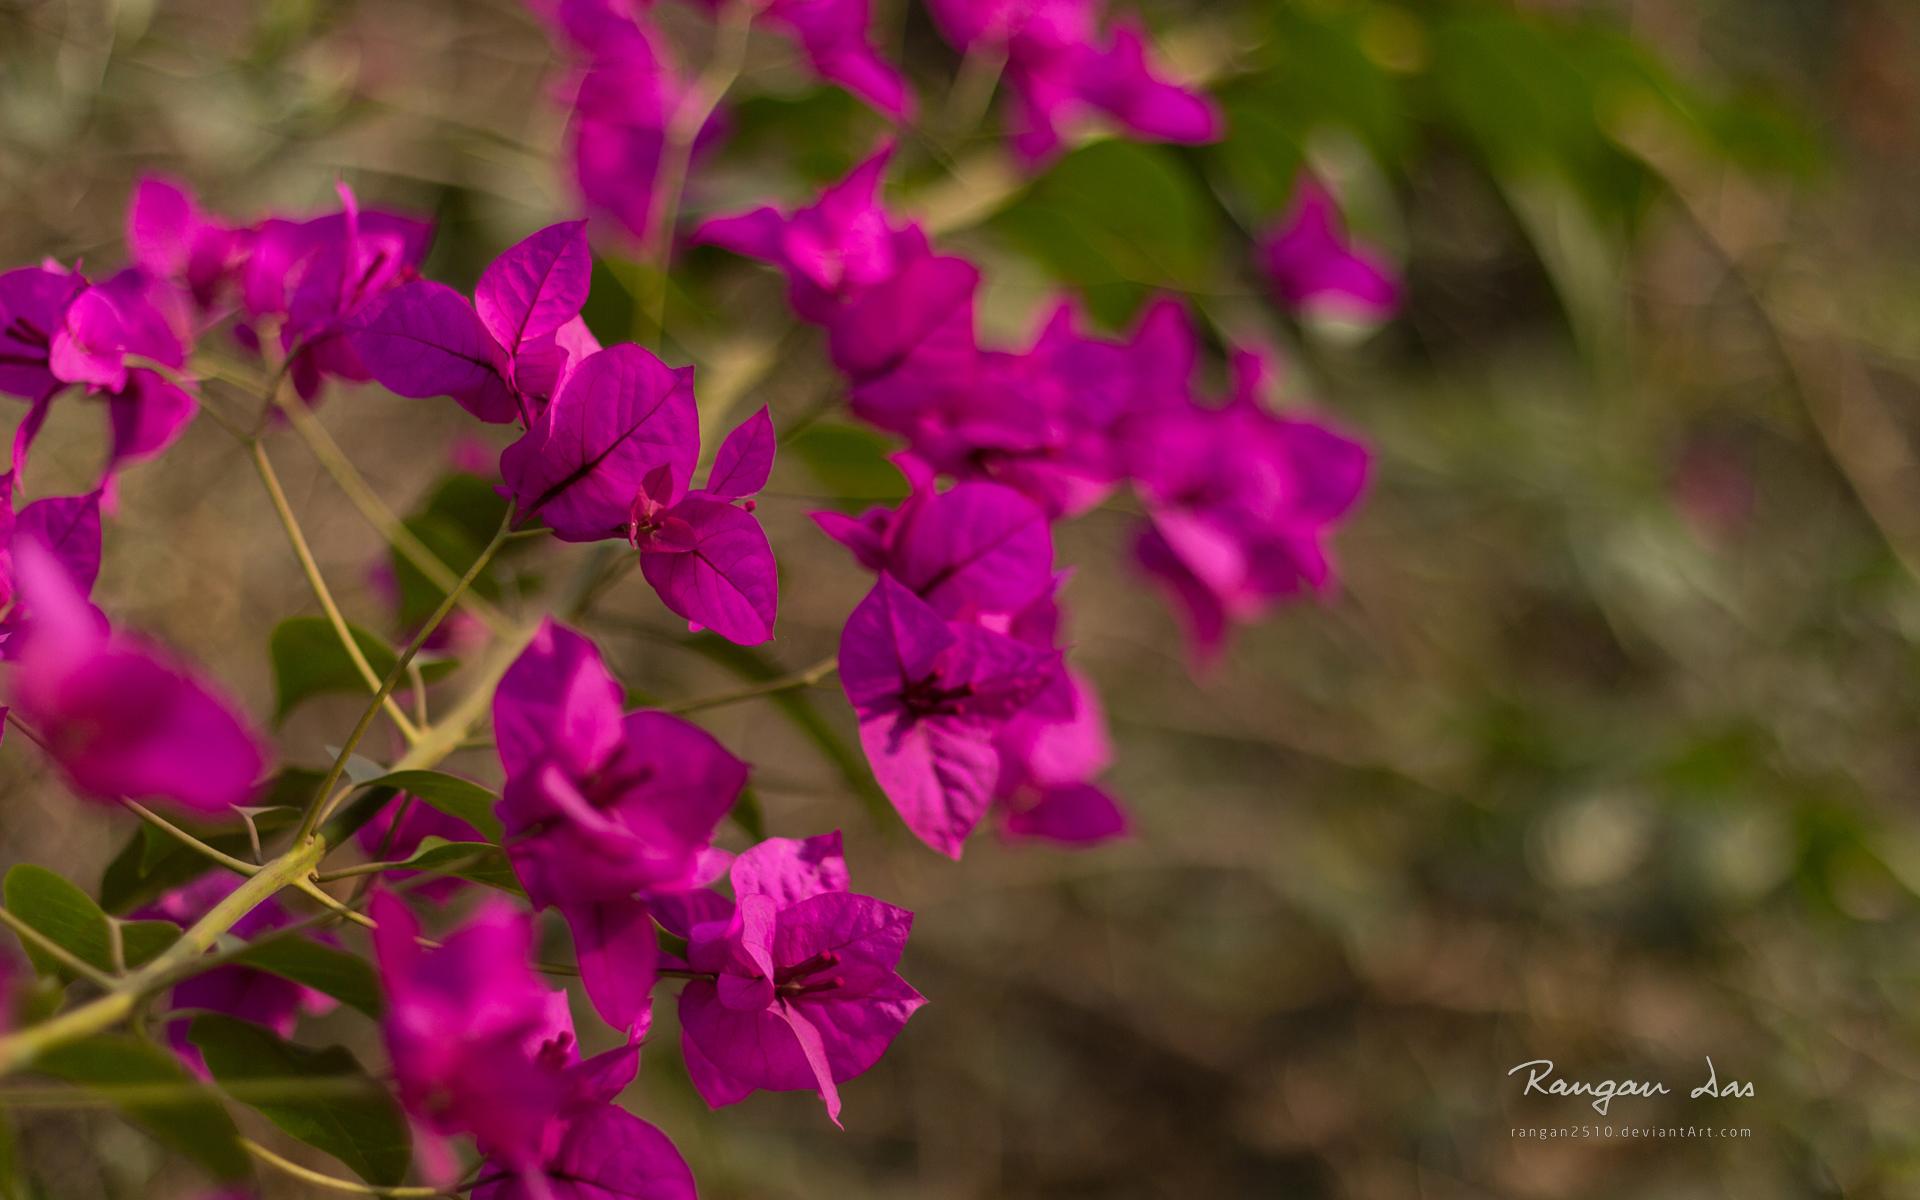 fleurs-dans-la-nature